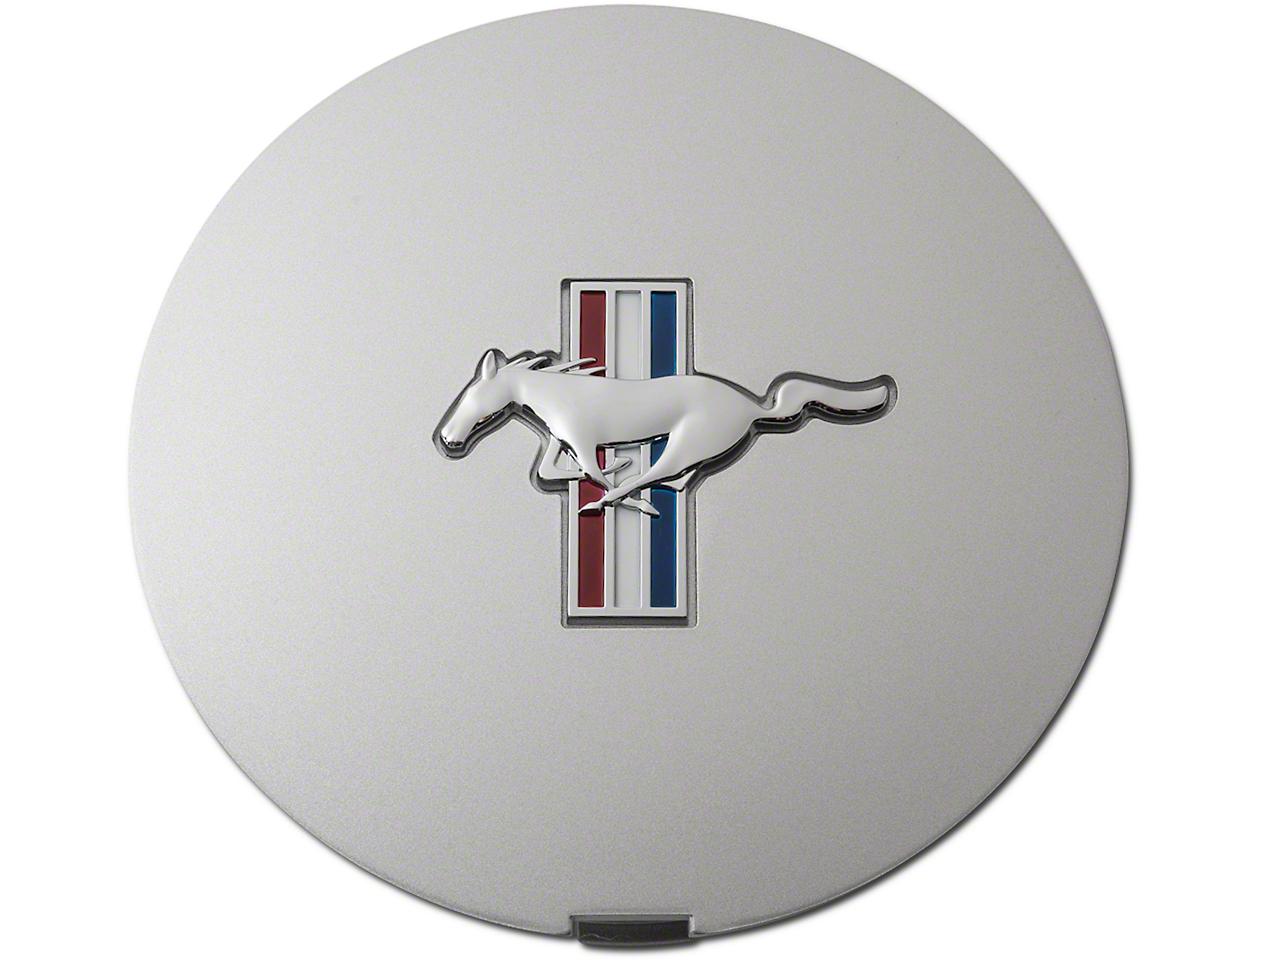 Pony Wheel Center Cap - Argent Silver w/ Tri-Bar Pony (90-93)